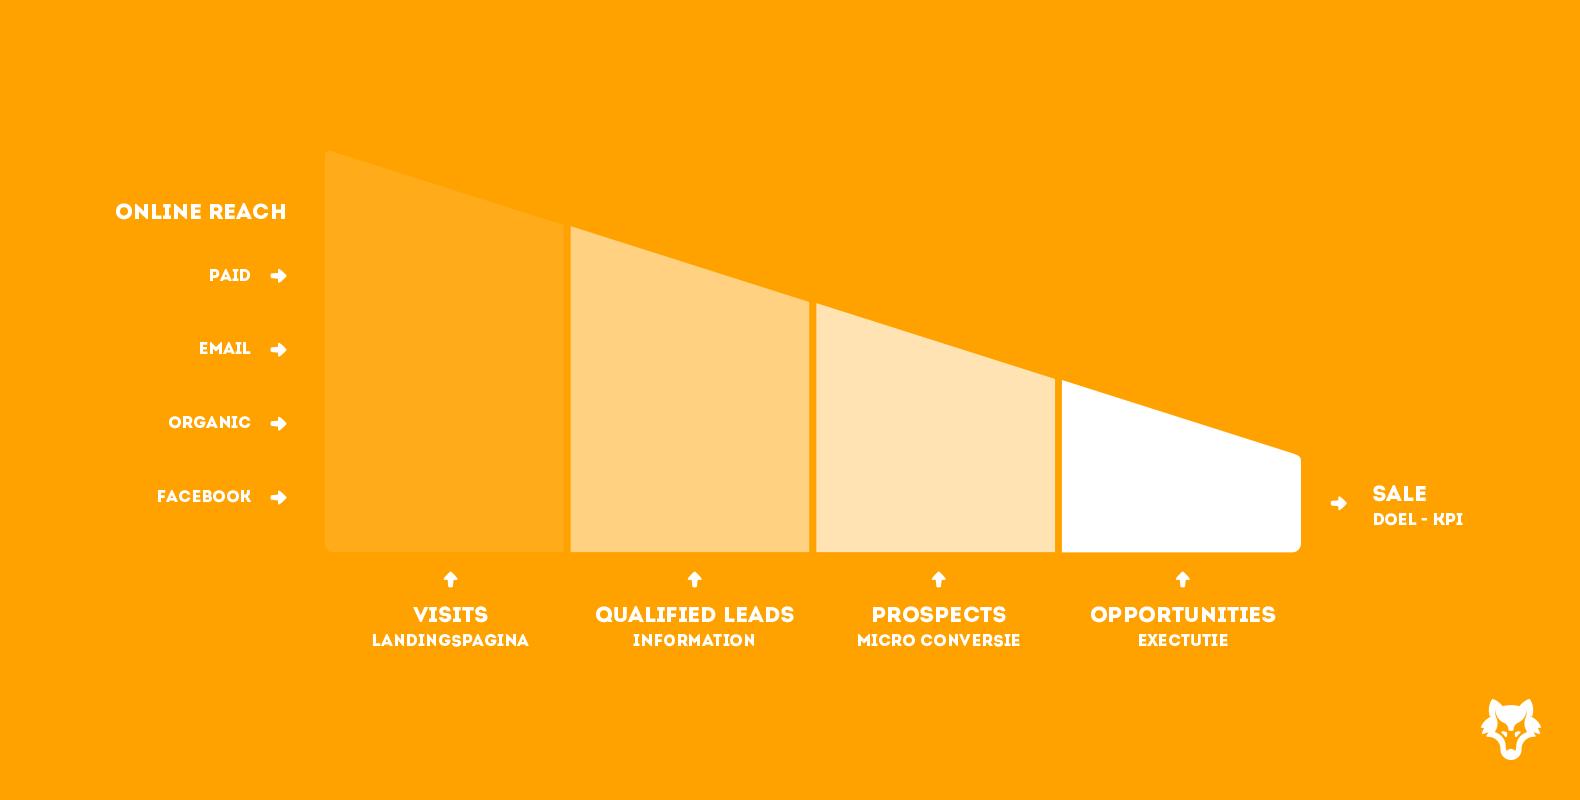 3 simpele design tips om je conversie te verhogen